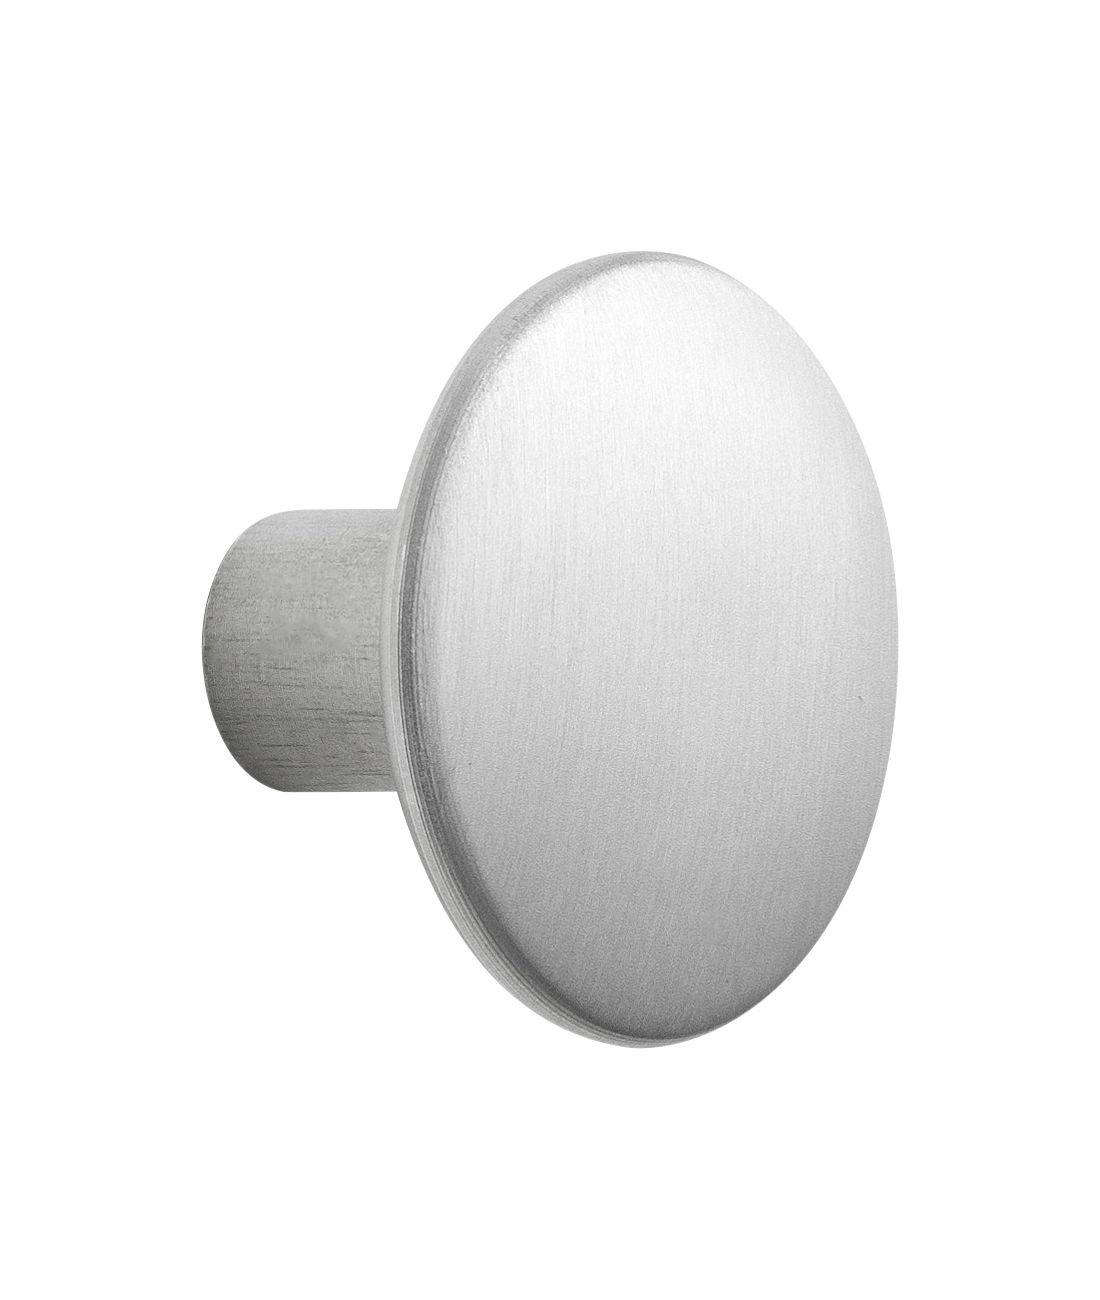 Furniture - Coat Racks & Pegs - The Dots Metal Hook - Medium - Ø 3,9 cm by Muuto - Aluminium - Aluminium